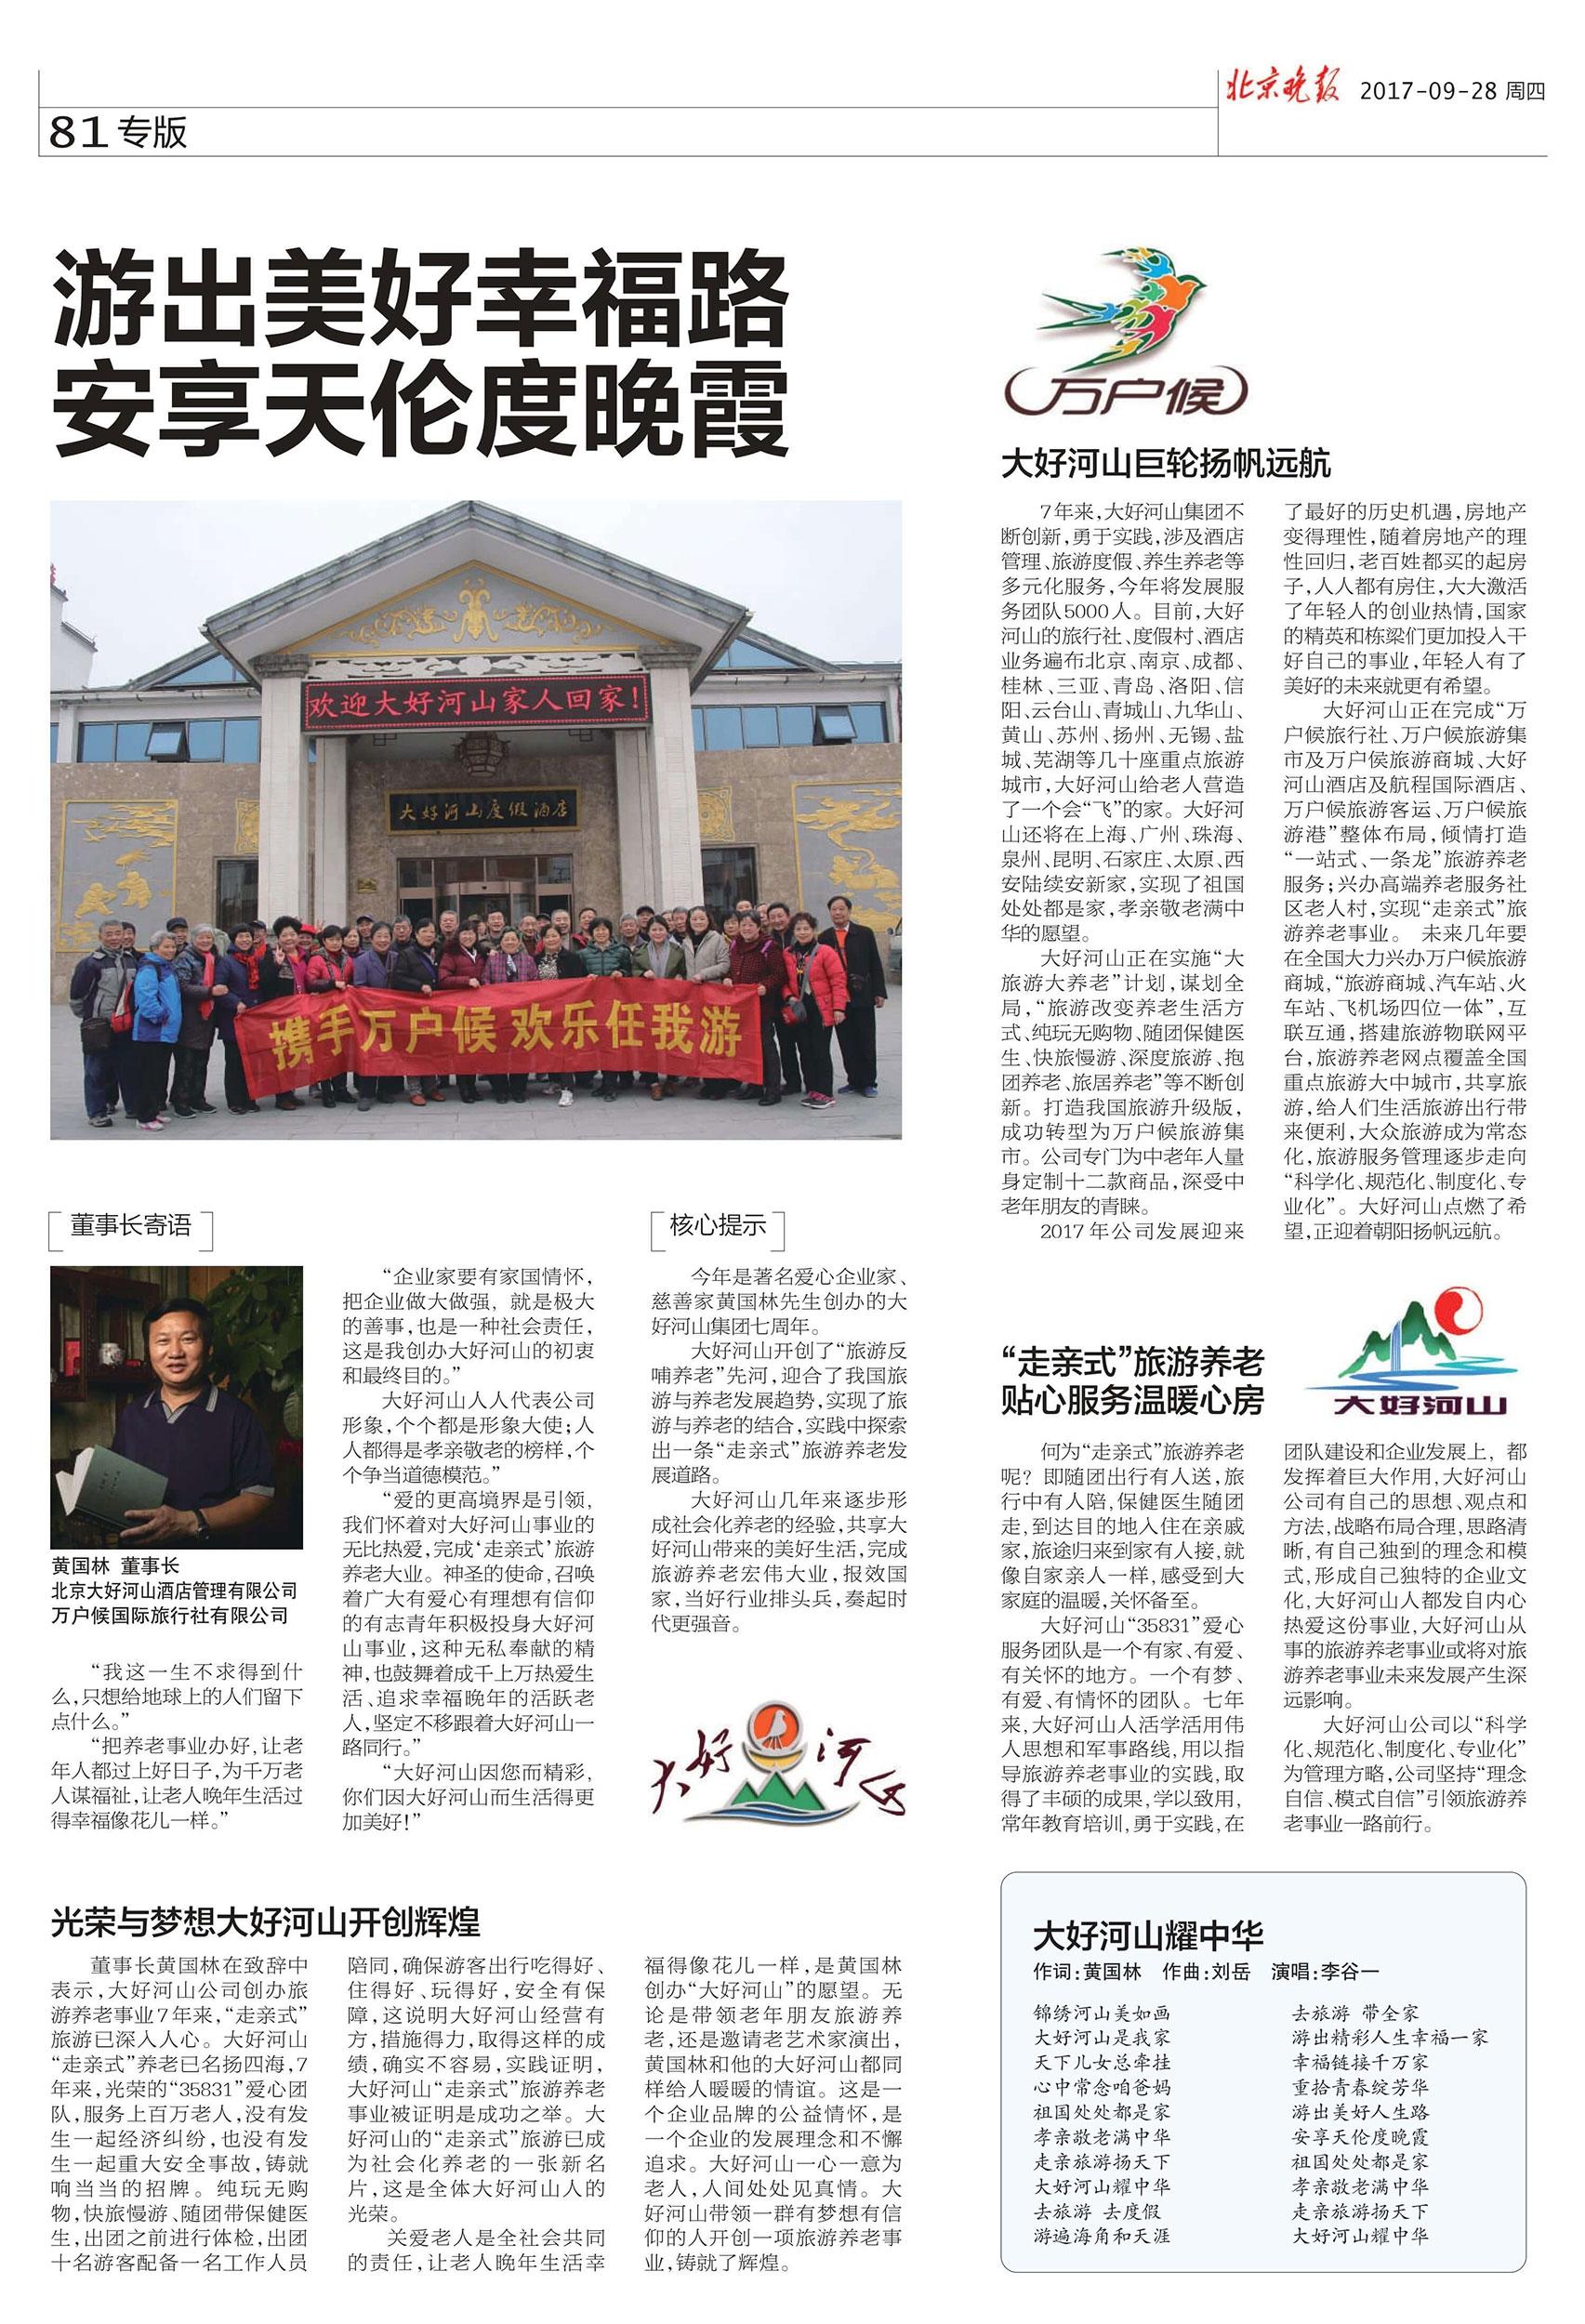 北京晚报 2017-09-28 专版81